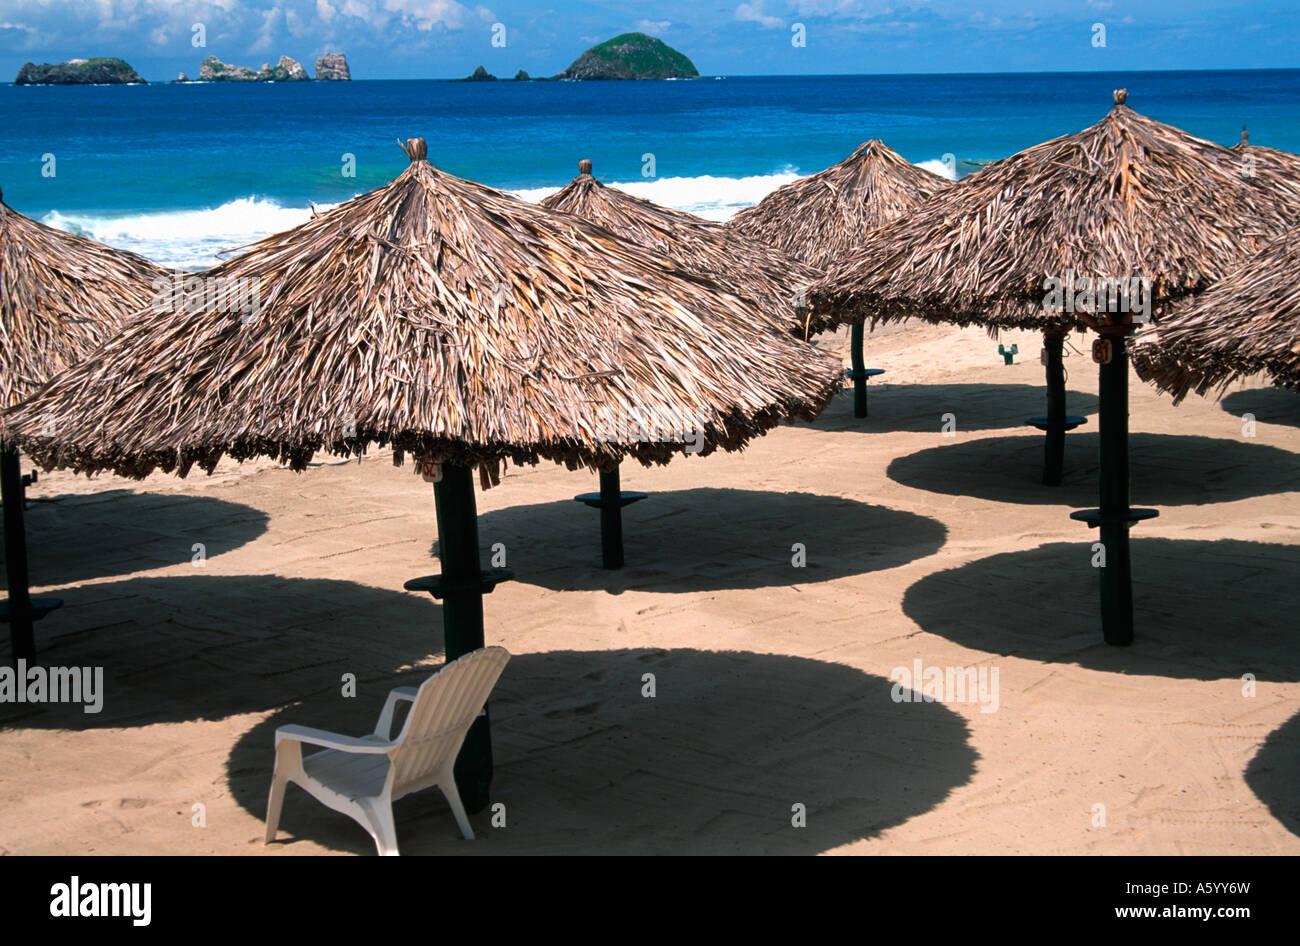 Painet hv2437 03 Palapas palmar Strand Pazifik Ixtapa Mexico hispanische Konto Angemessenheit Vorteil Vorteilhaftigkeit Stockbild